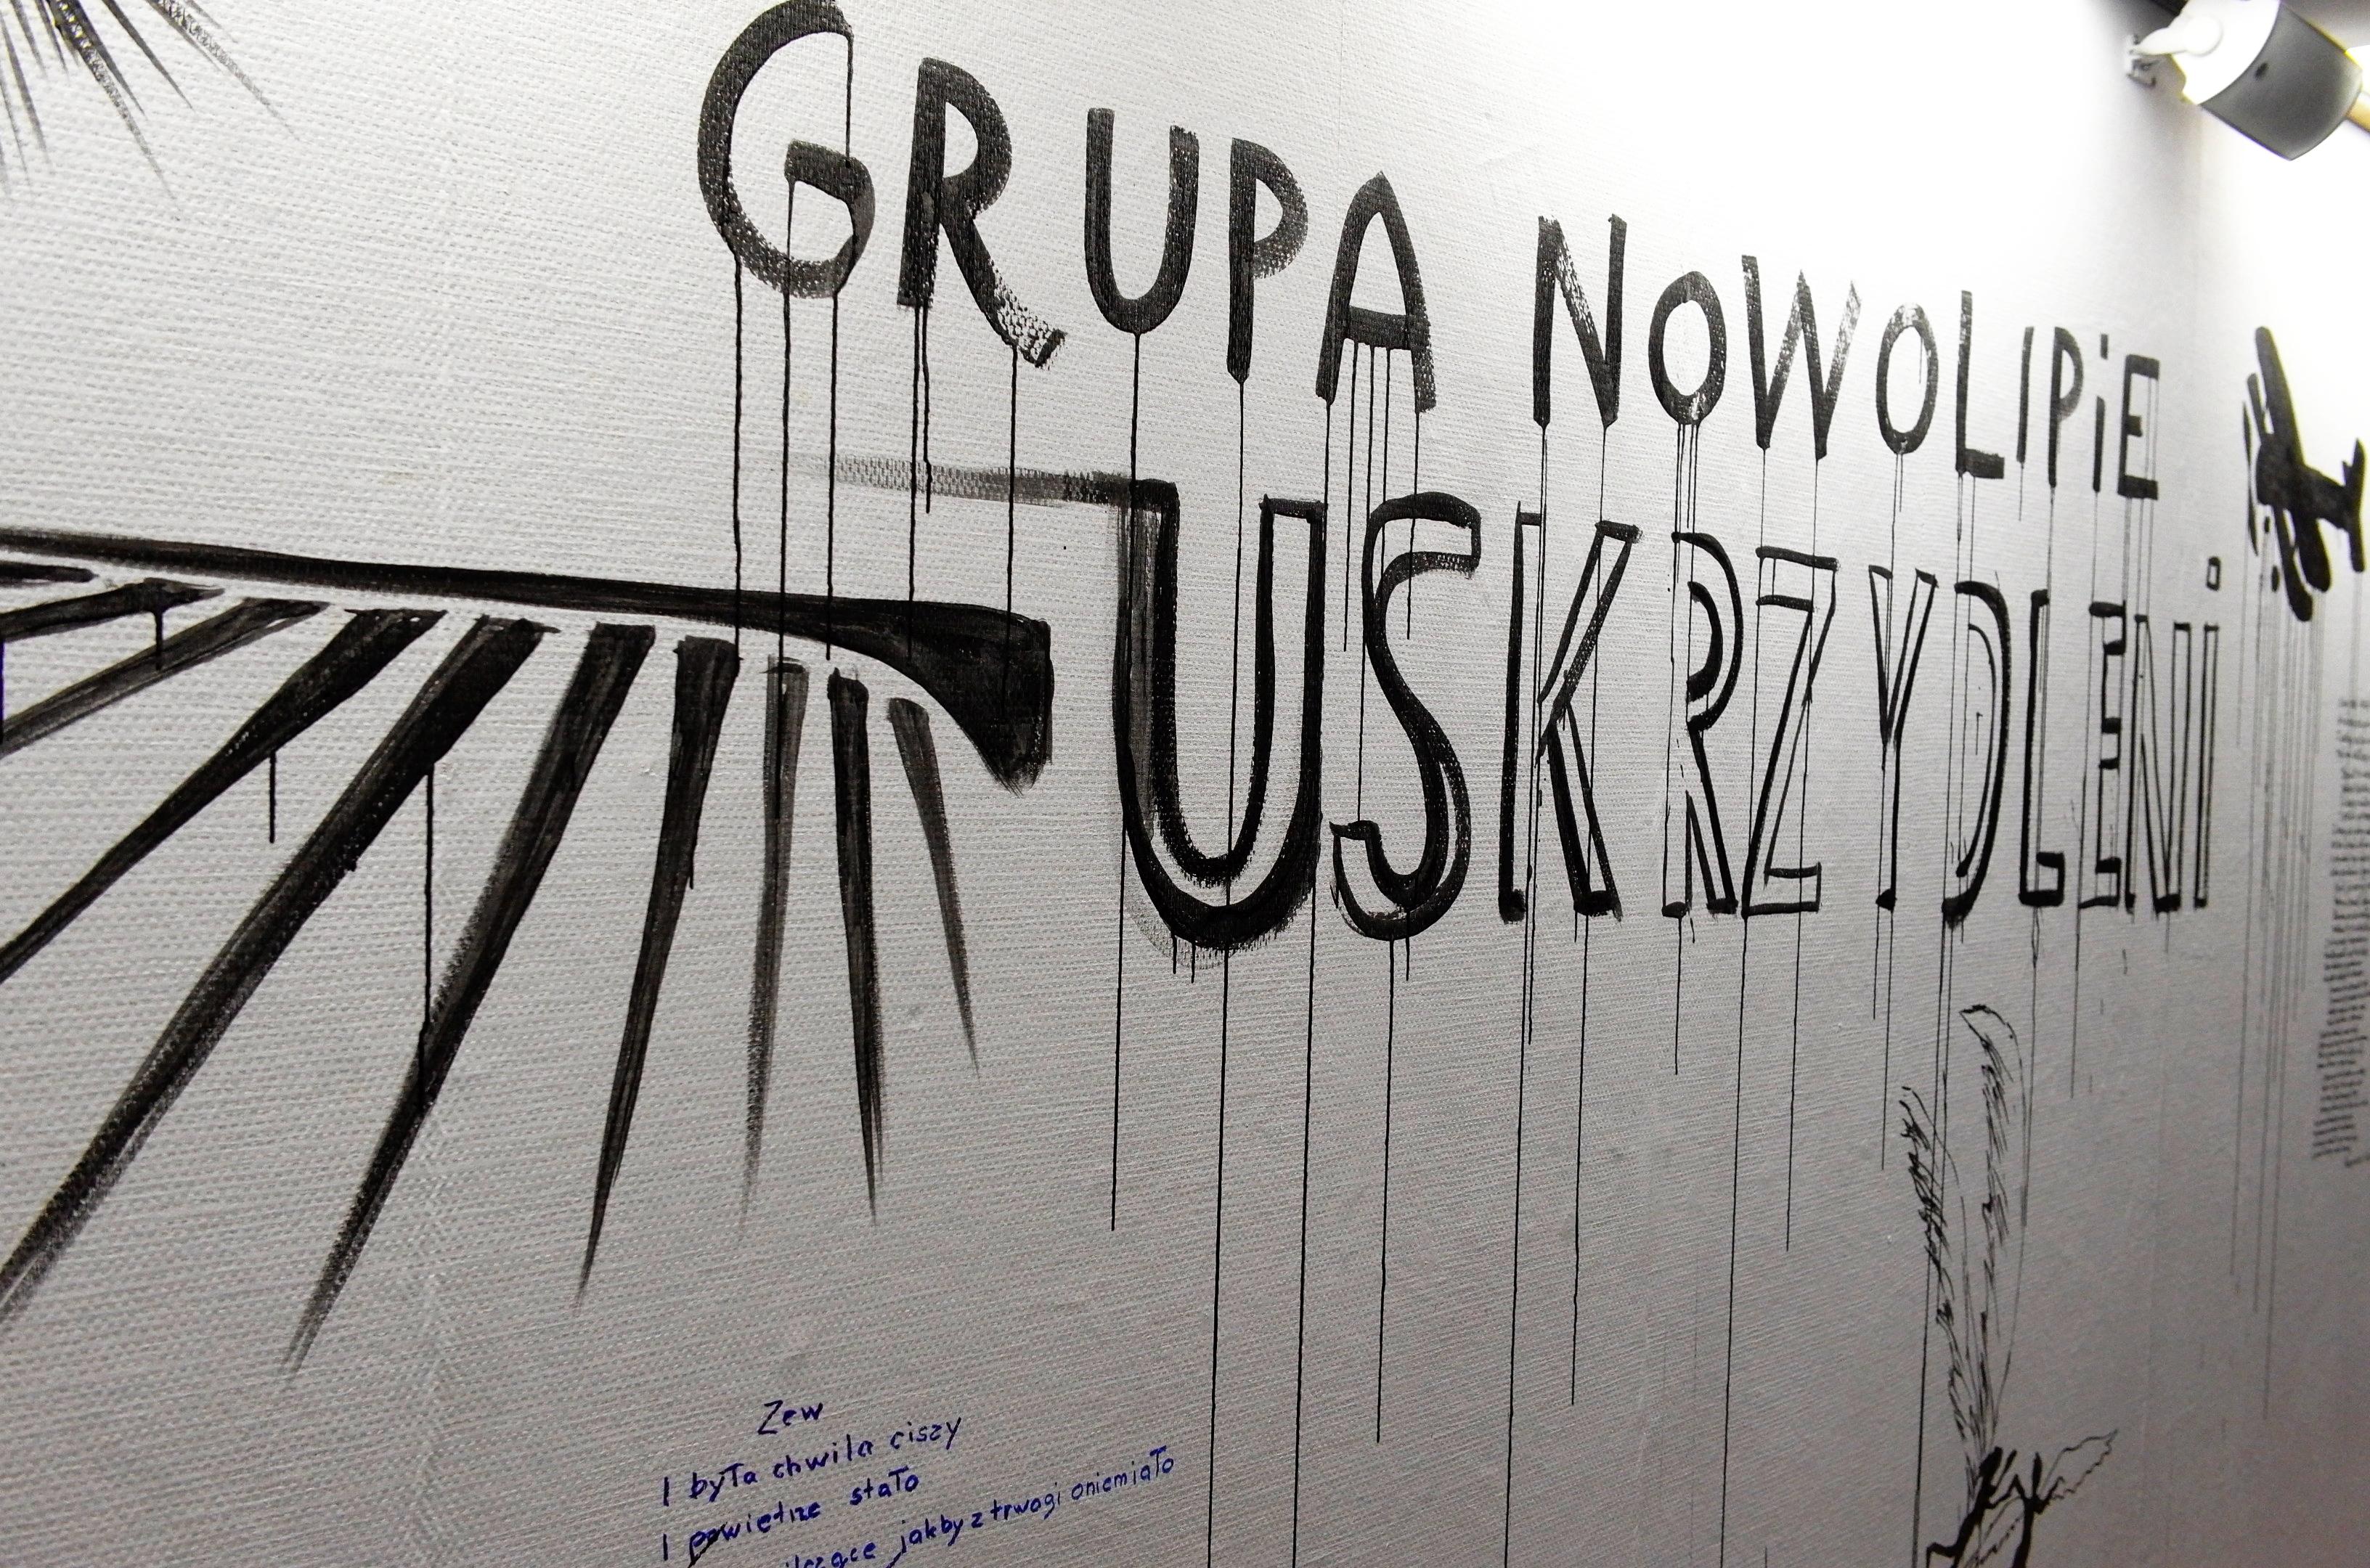 Uskrzydleni. Paweł Althamer iGrupa Nowolipie, widok wystawy